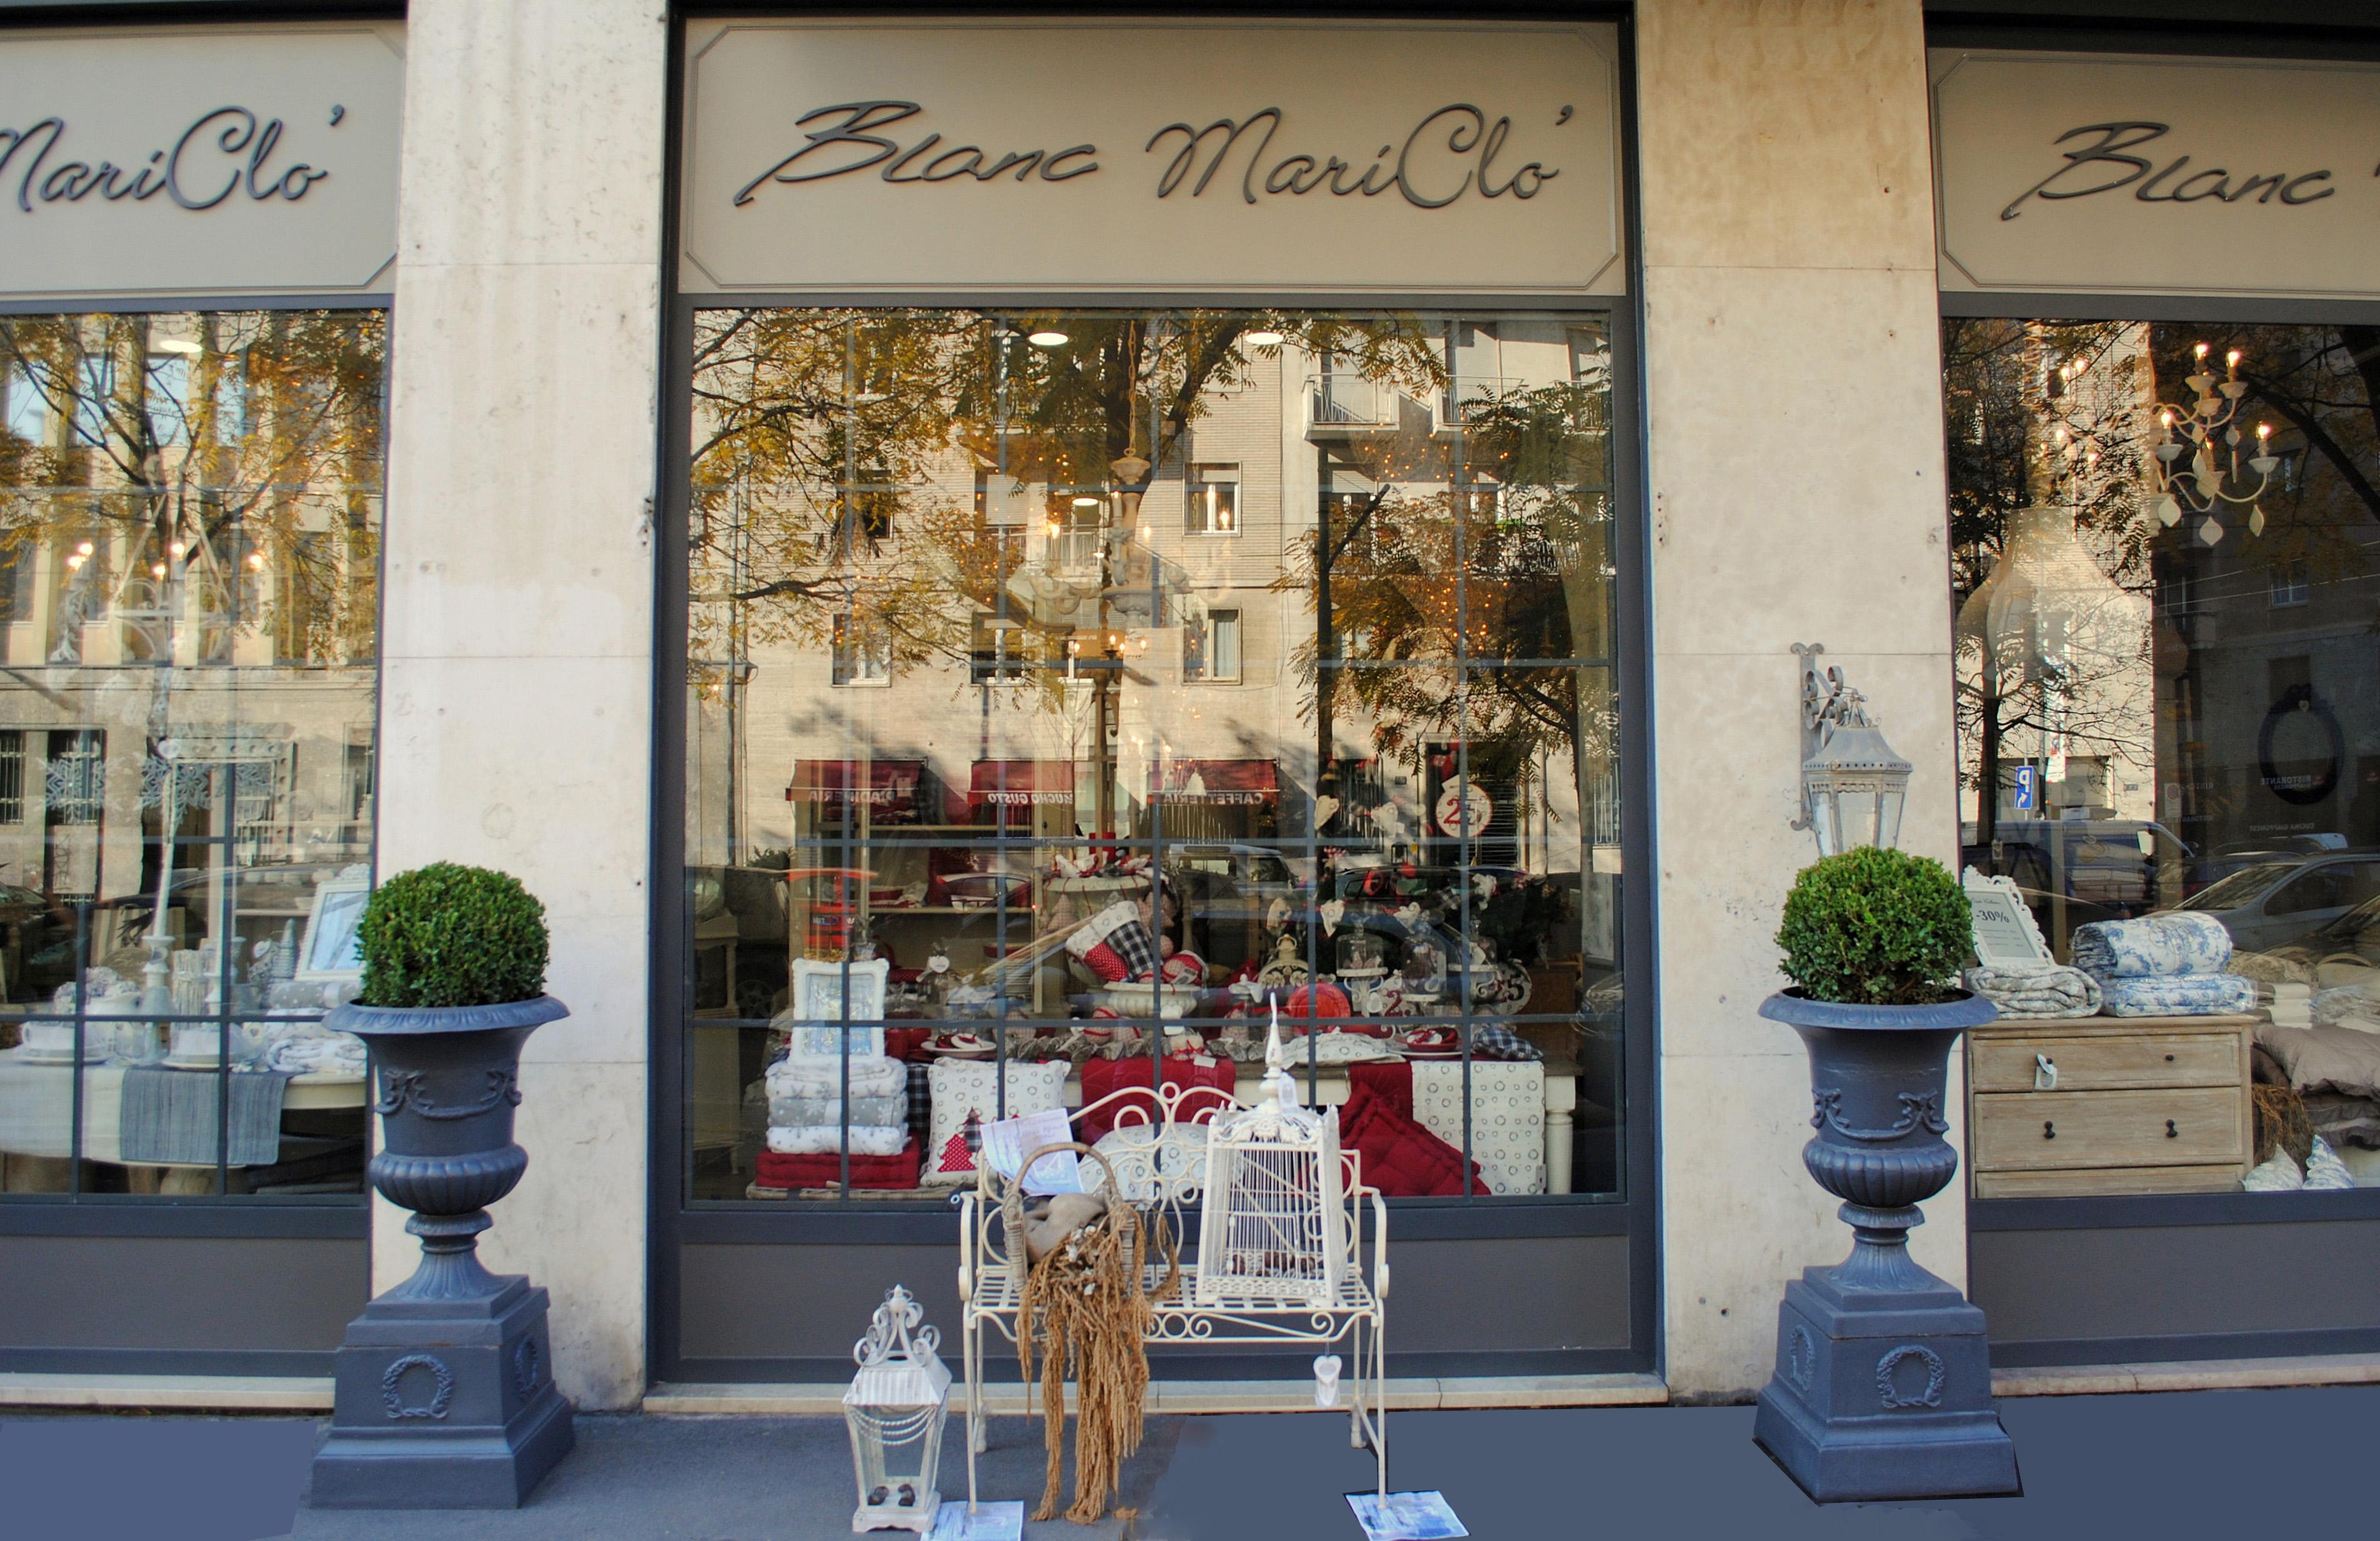 Negozi Per La Casa Milano il natale blanc mariclò a milano | shabby chic mania by